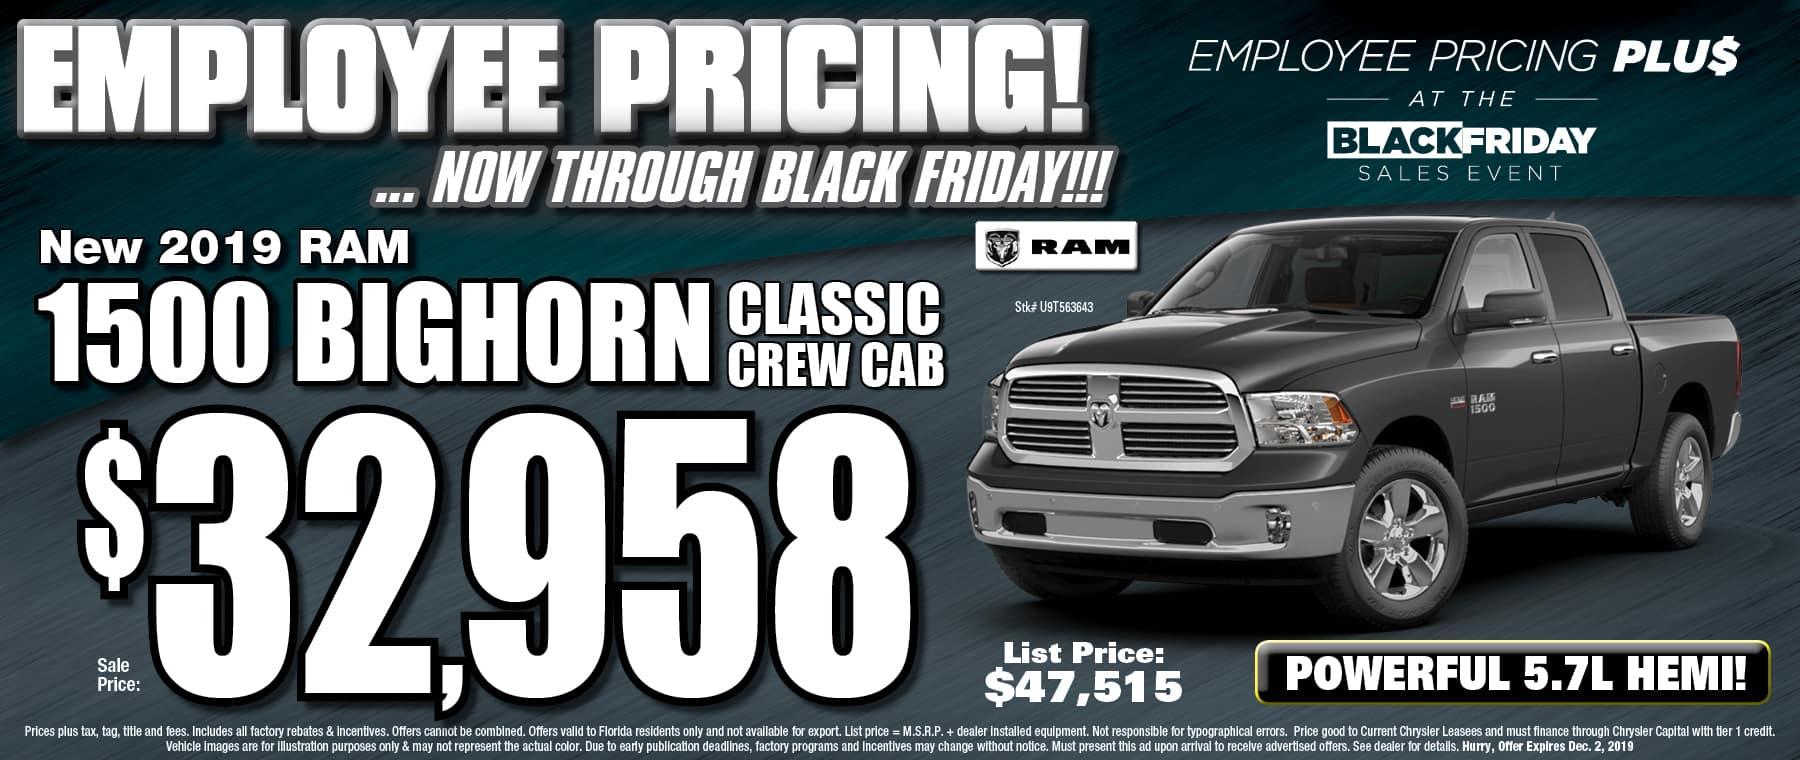 New Ram Big Horn Classic Crew Cab!